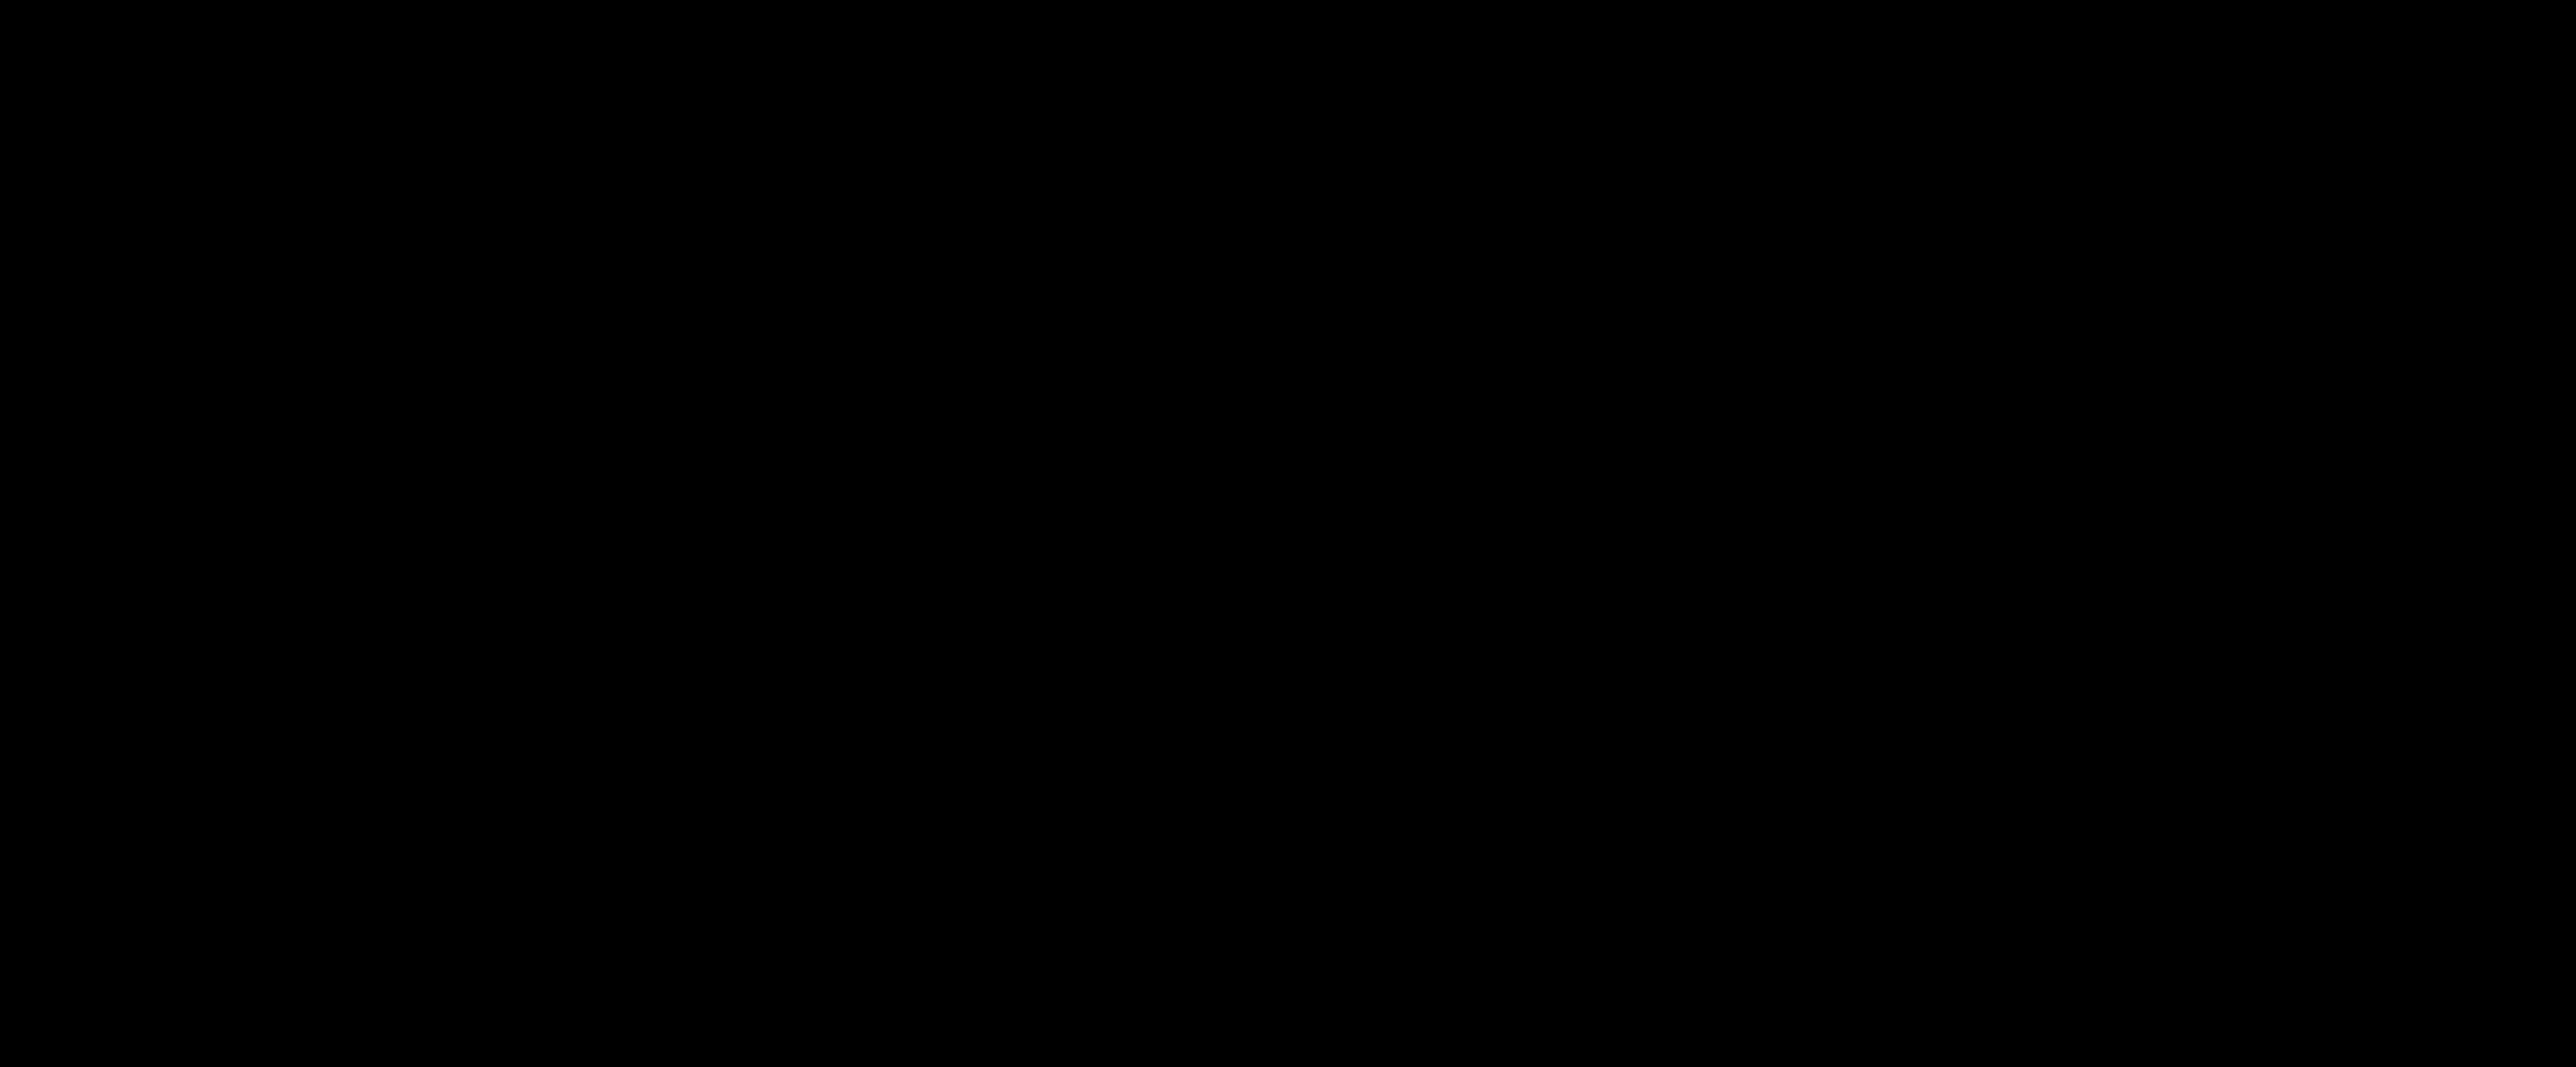 TOMASELLA – Composizione A106